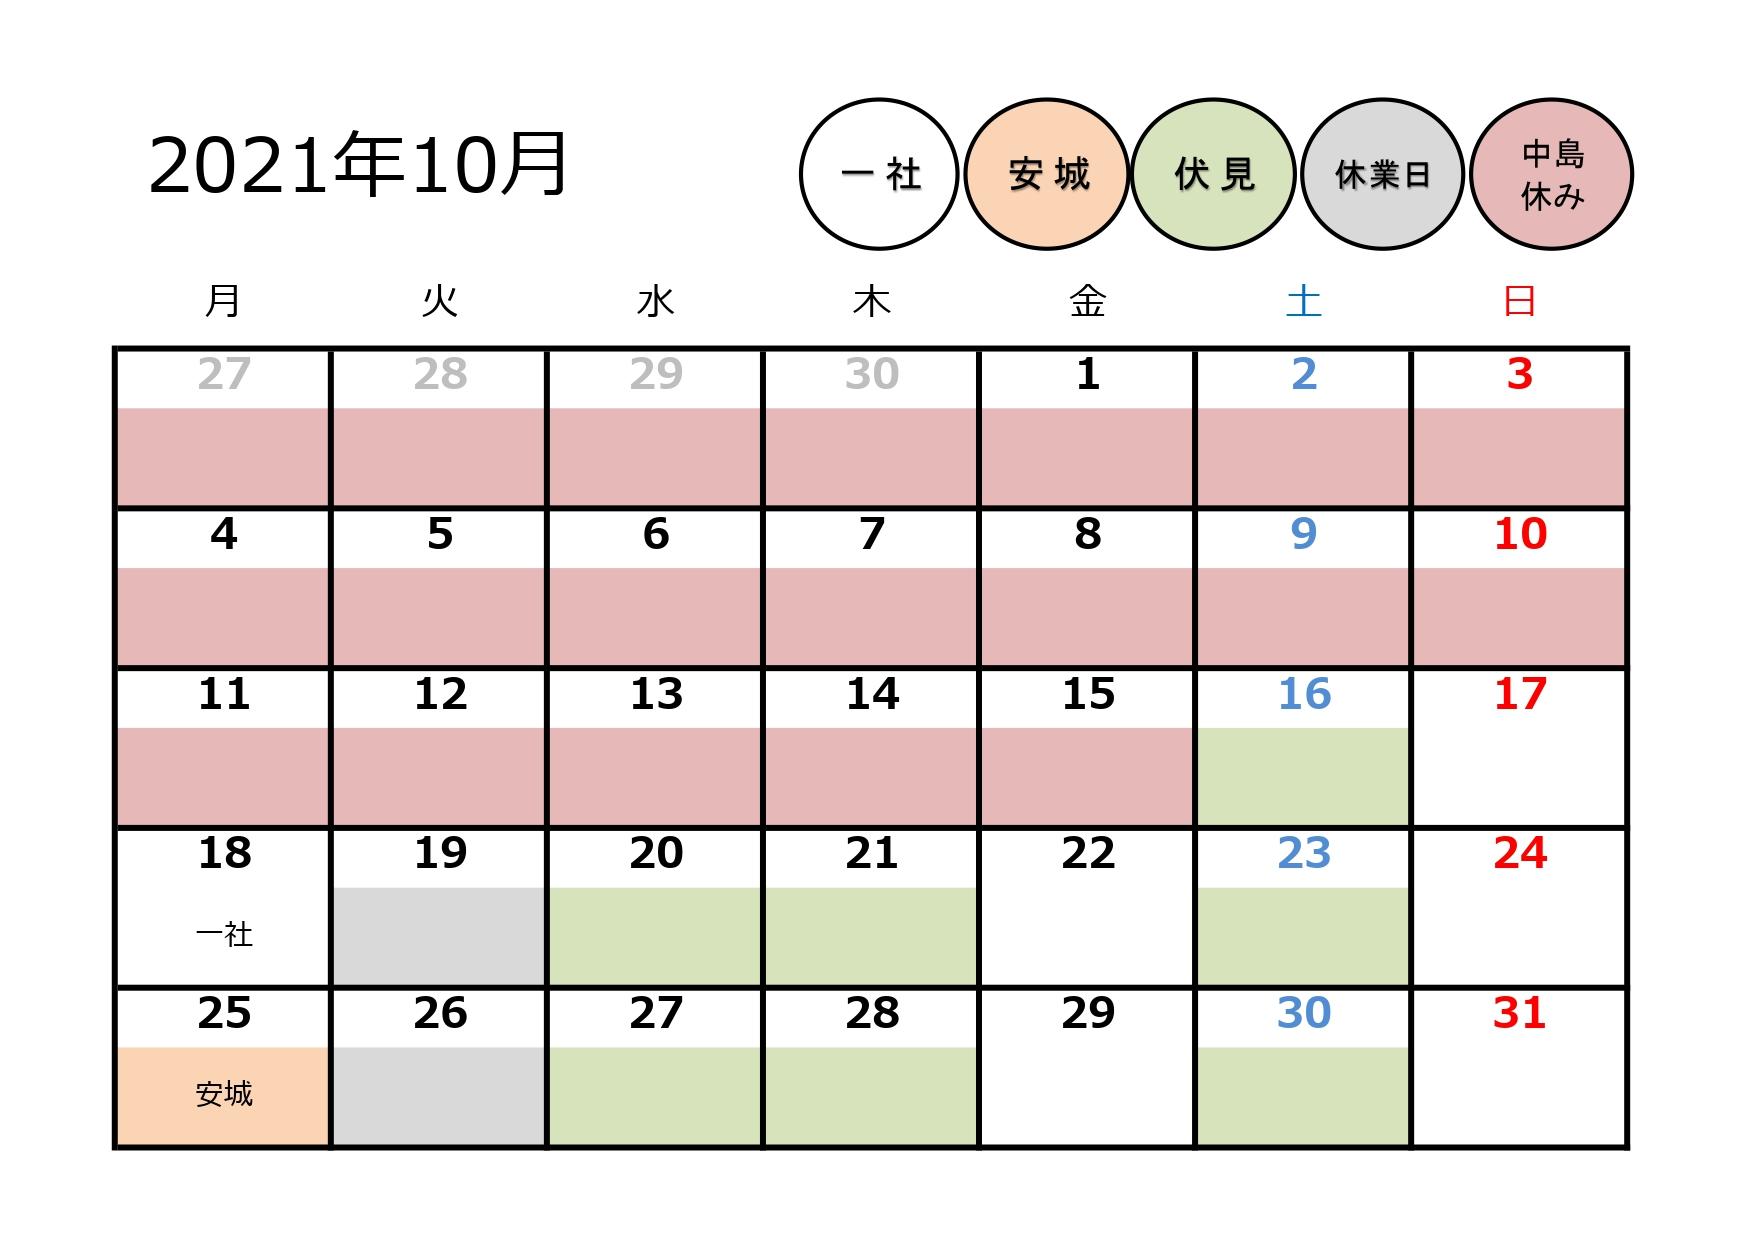 ディレクター中島ヒロエの出勤スケジュール